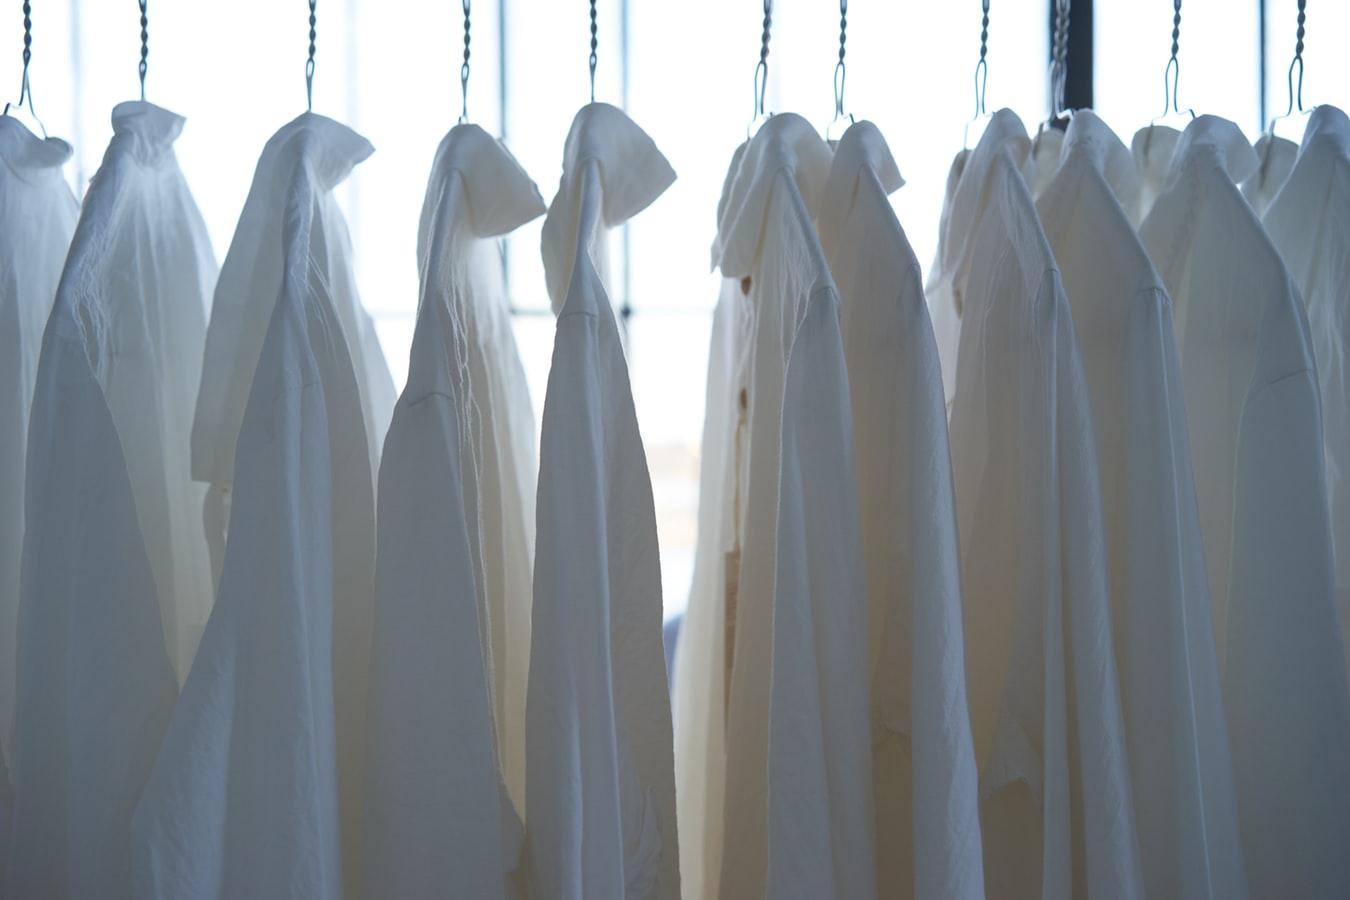 オールシーズン着られる服の「素材」